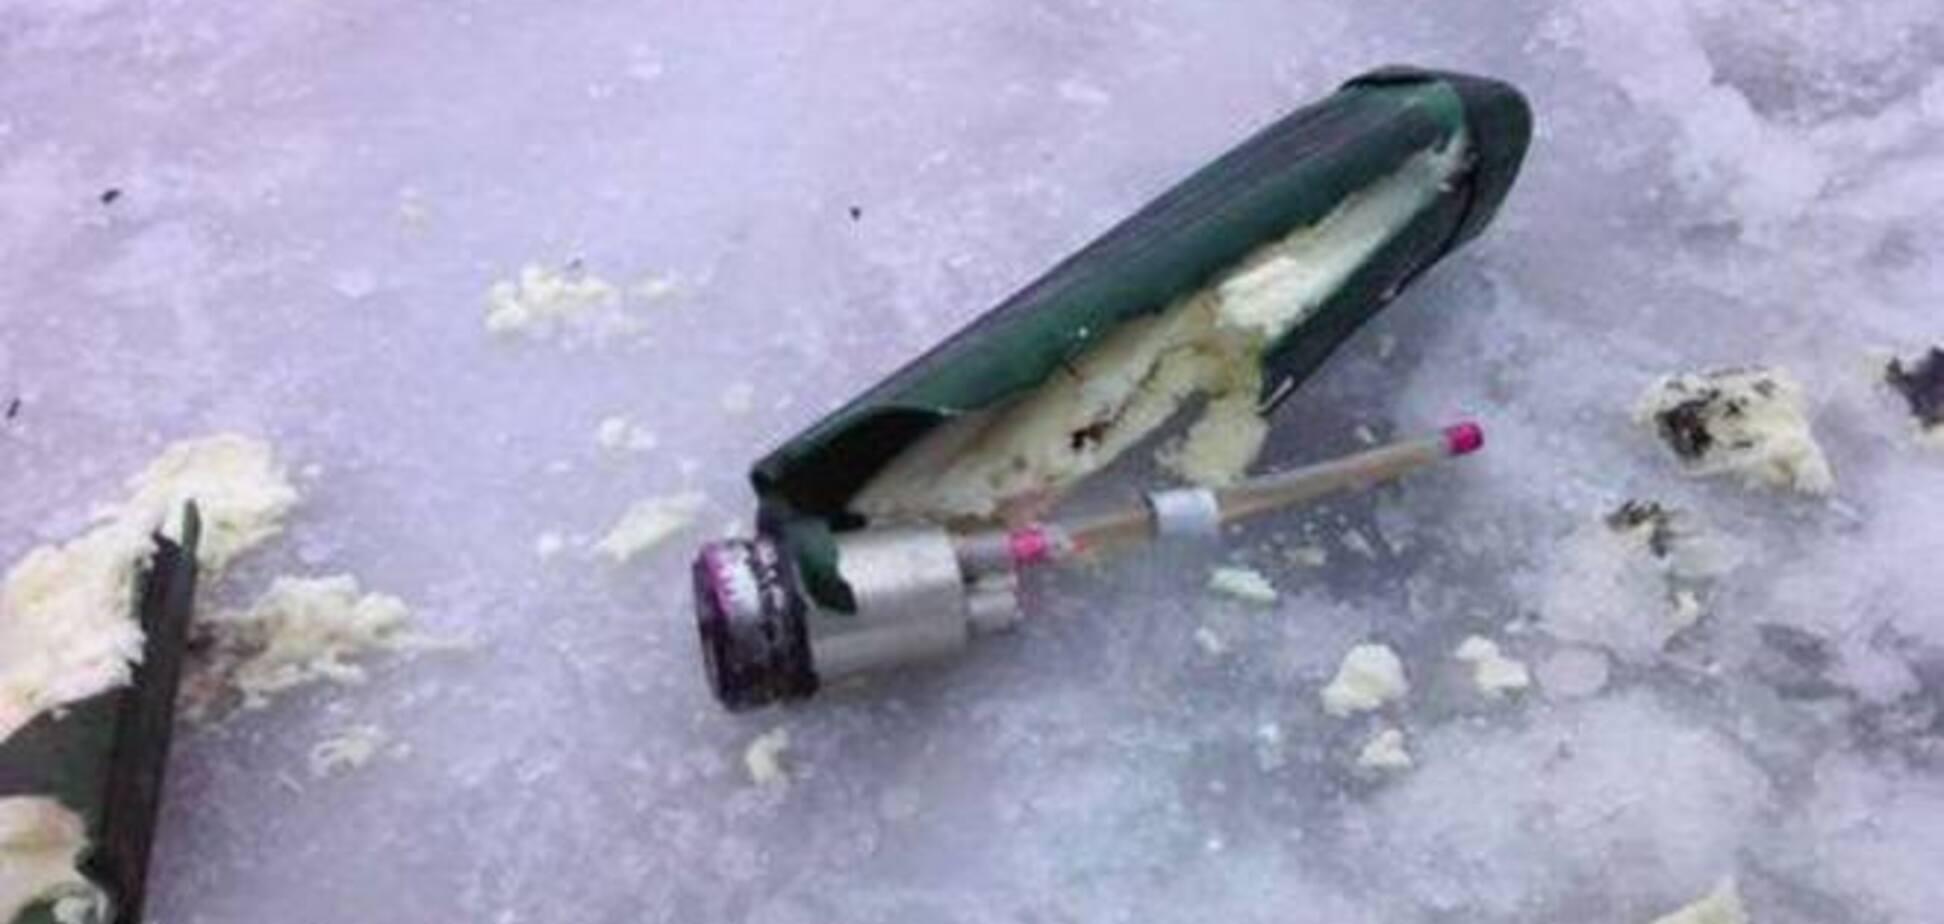 В зоне АТО после обстрелов на улицах находят особые мины: опубликовано фото